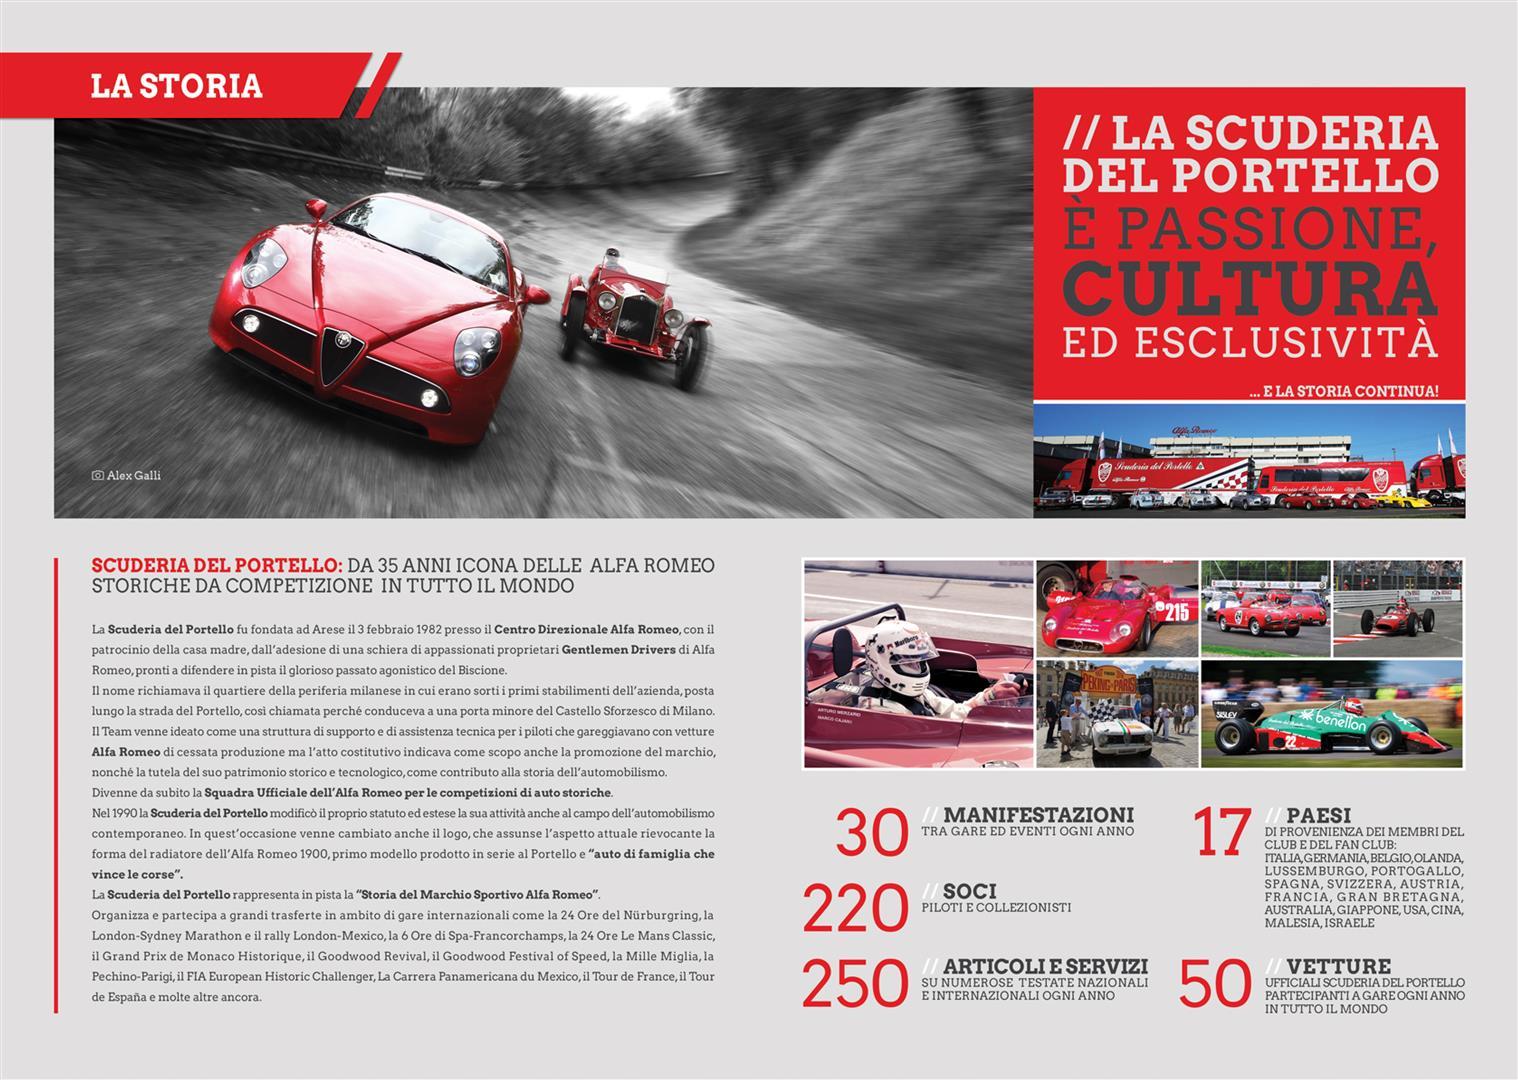 SCUDERIA DEL PORTELLO EXPERIENCE_ITA-2 (Large)